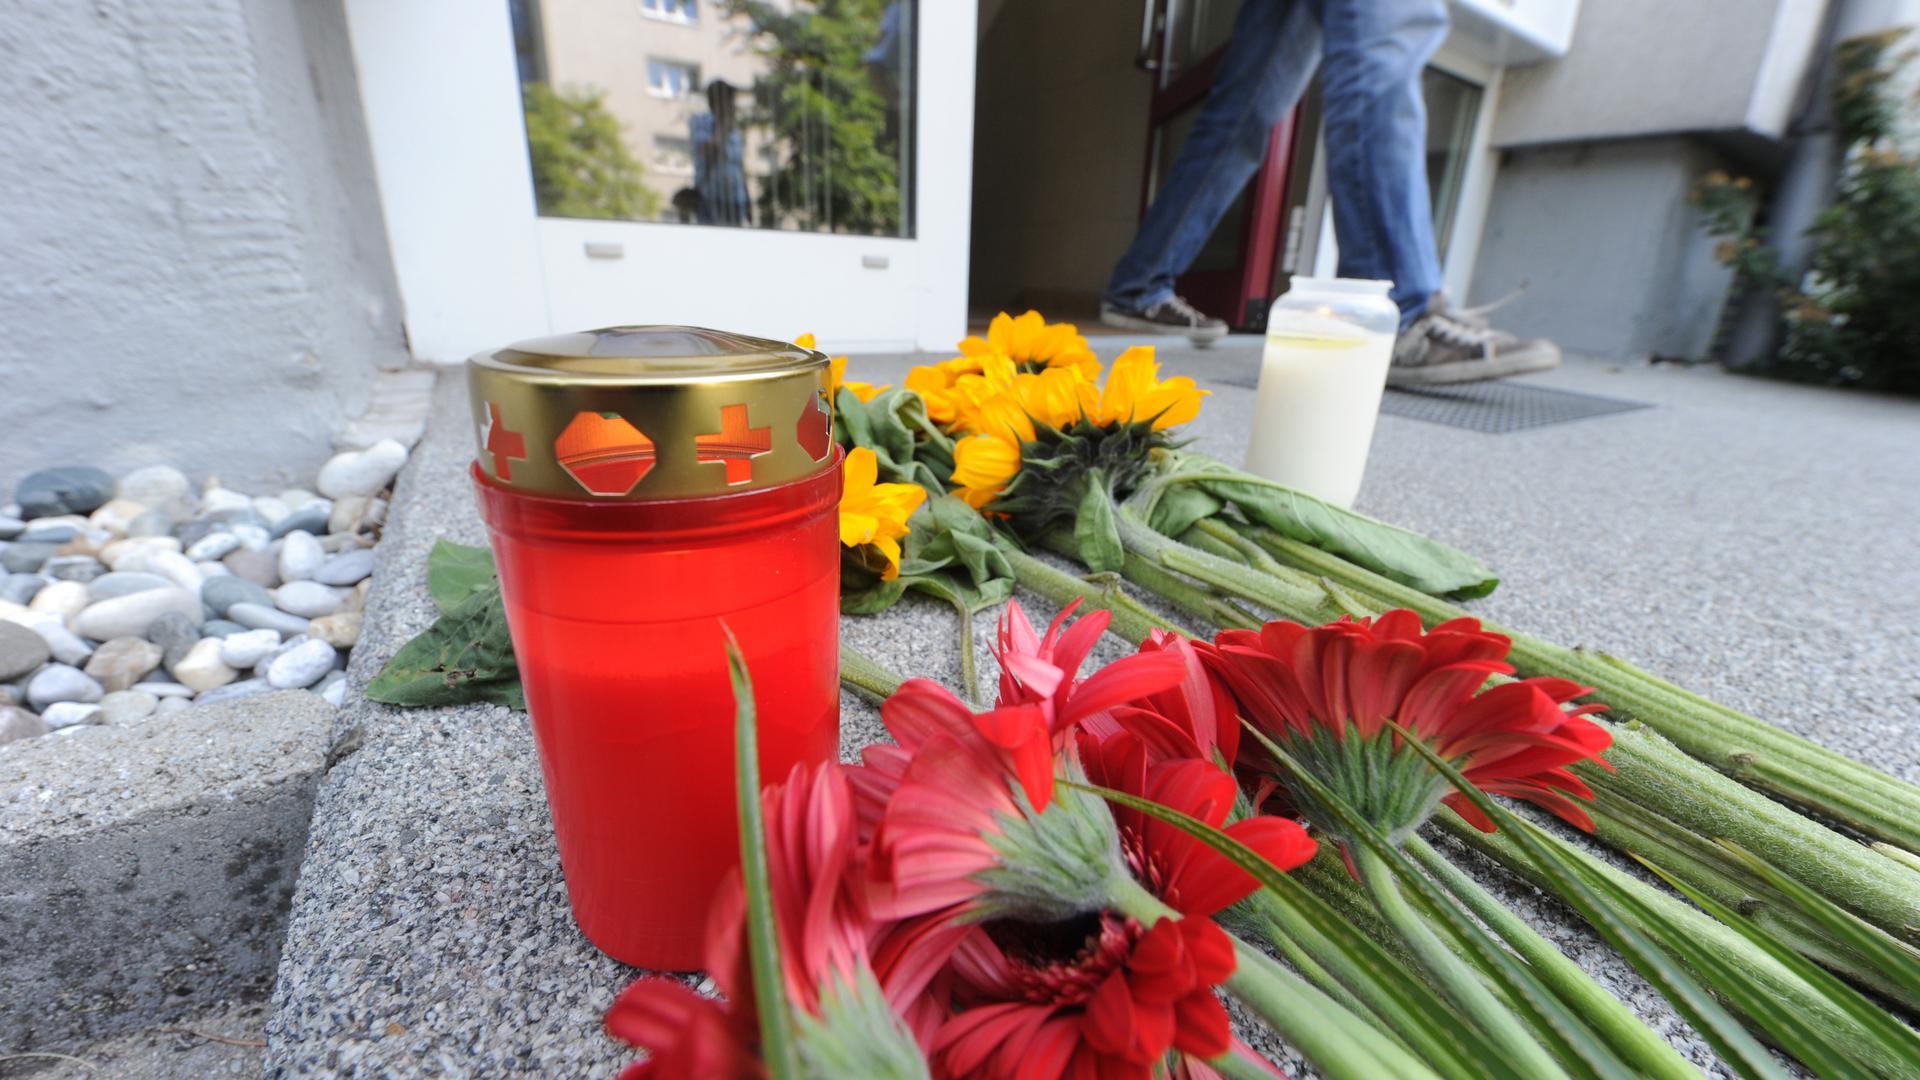 Vor einem Hauseingang im Stadtteil Nordstadt in Karlsruhe liegen am Donnerstag (05.07.2012) Blumen. Bei einer Zwangsräumung in dem Haus ist es am Mittwoch (04.07.2012) zu einer Schießerei mit einer Geiselnahme gekommen. Dabei hat es fünf Tote gegeben. Foto: Uli Deck dpa/lsw ++ +++ dpa-Bildfunk +++